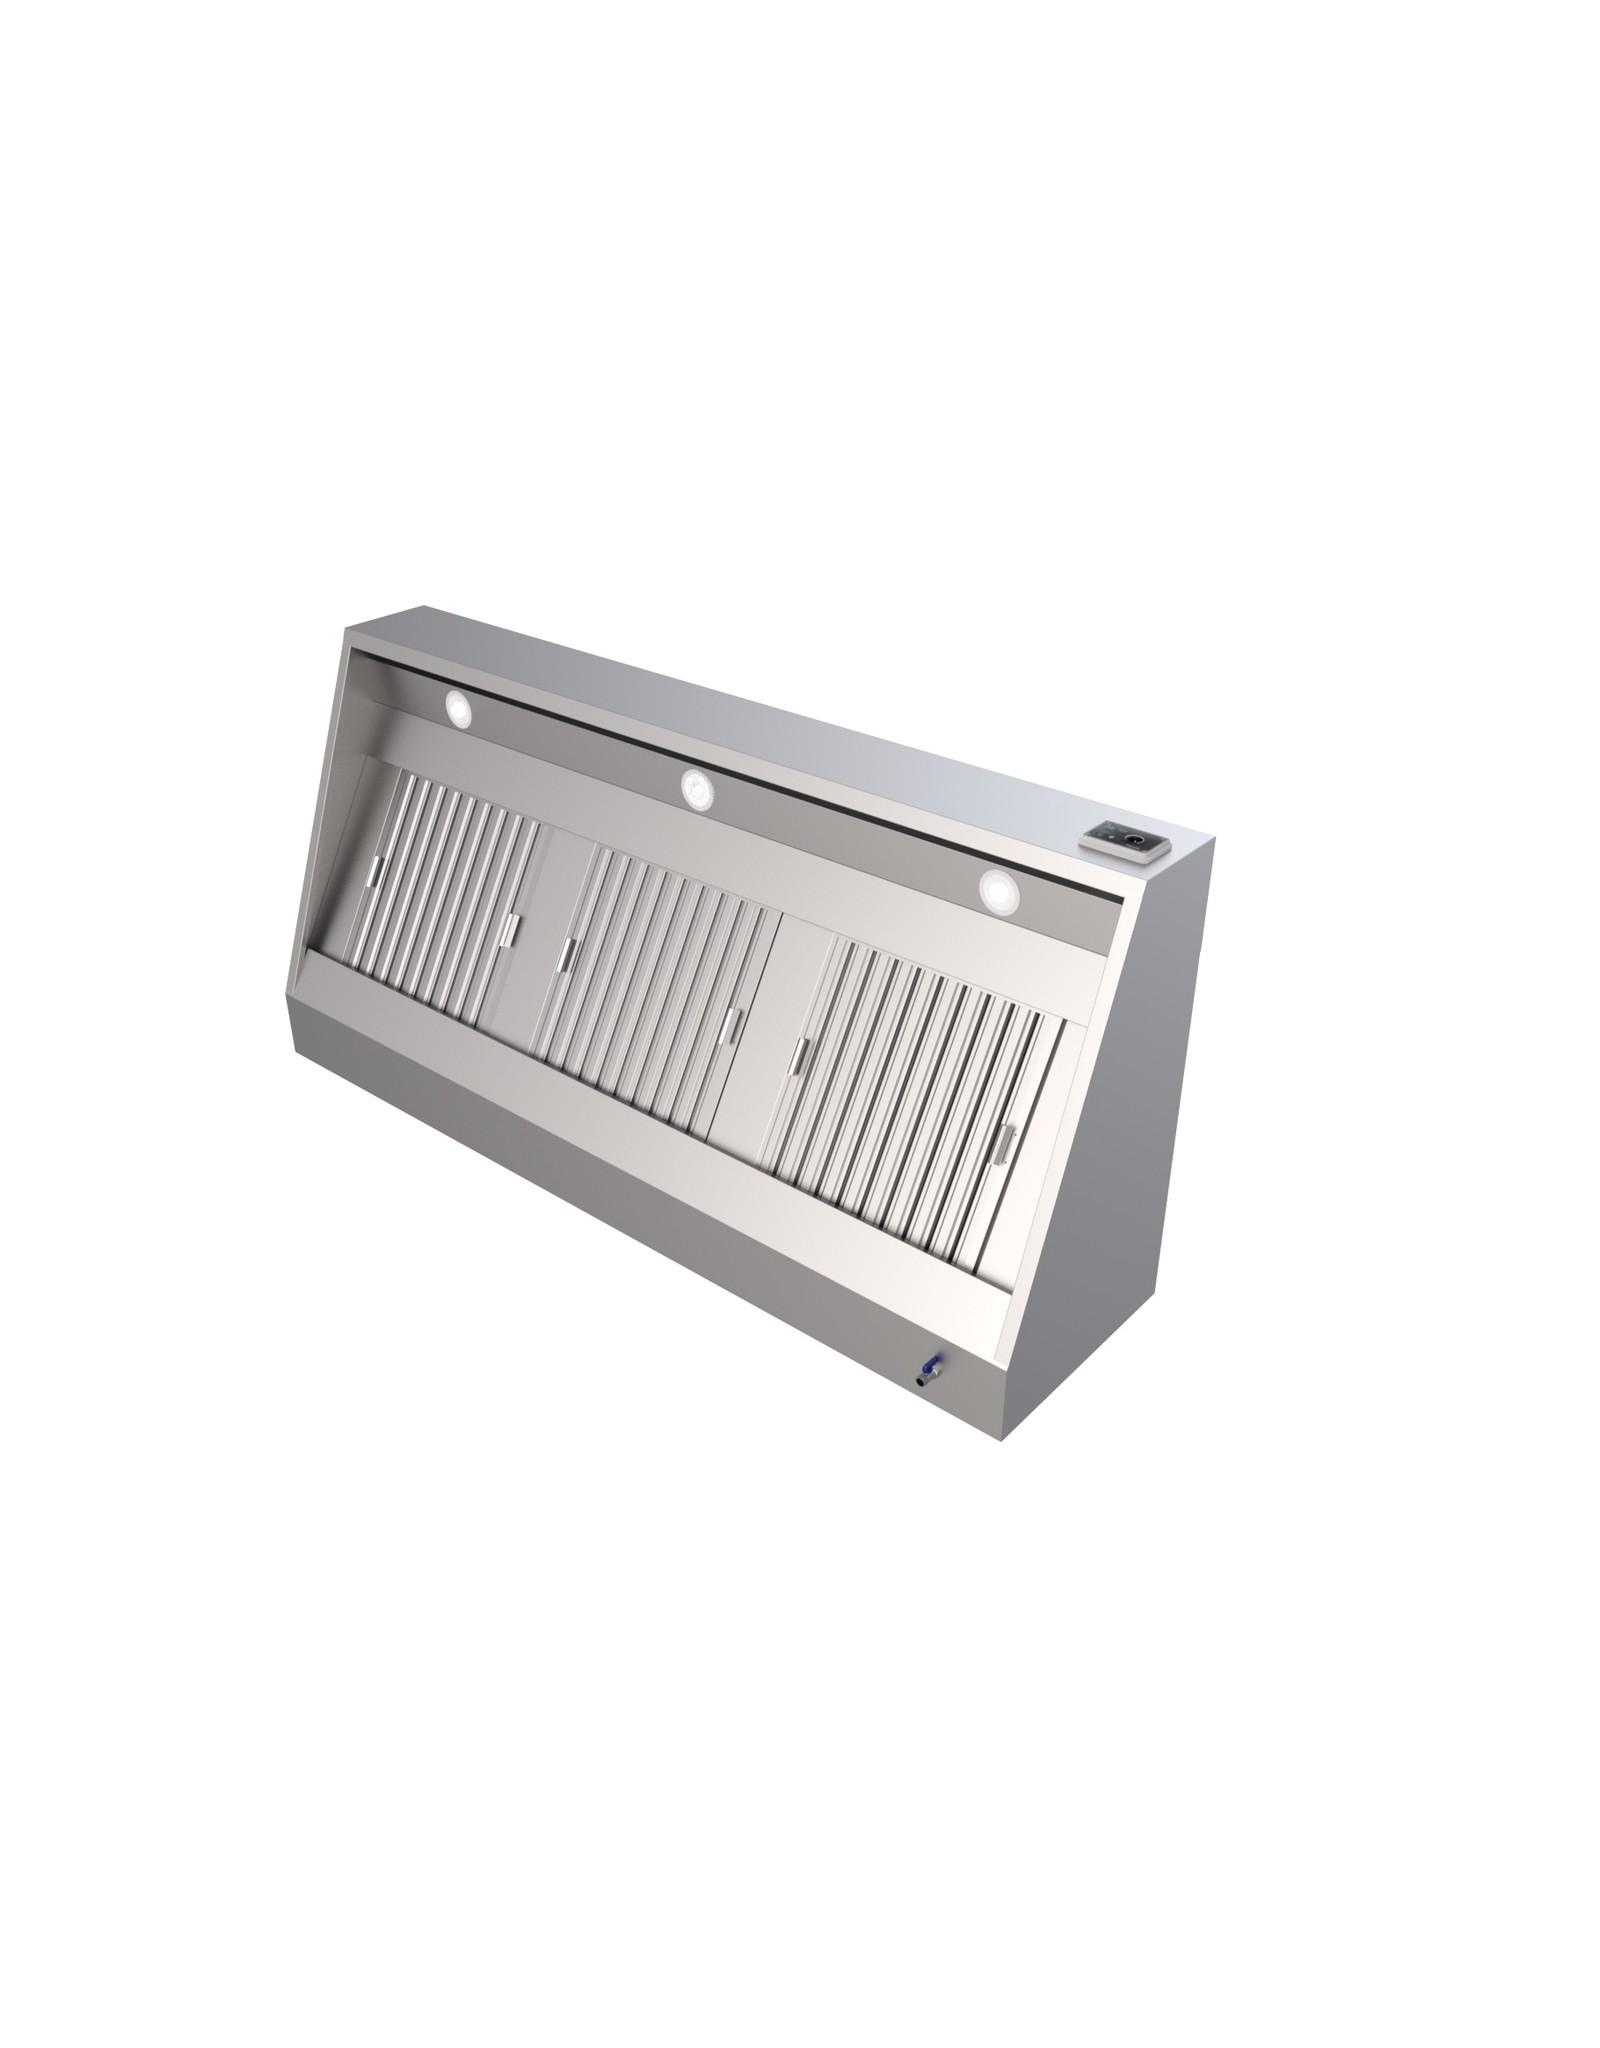 Q-Gastro RVS Afzuigkap NIEUW!! Verlichting+motor +regelaar +filter 250x70x54